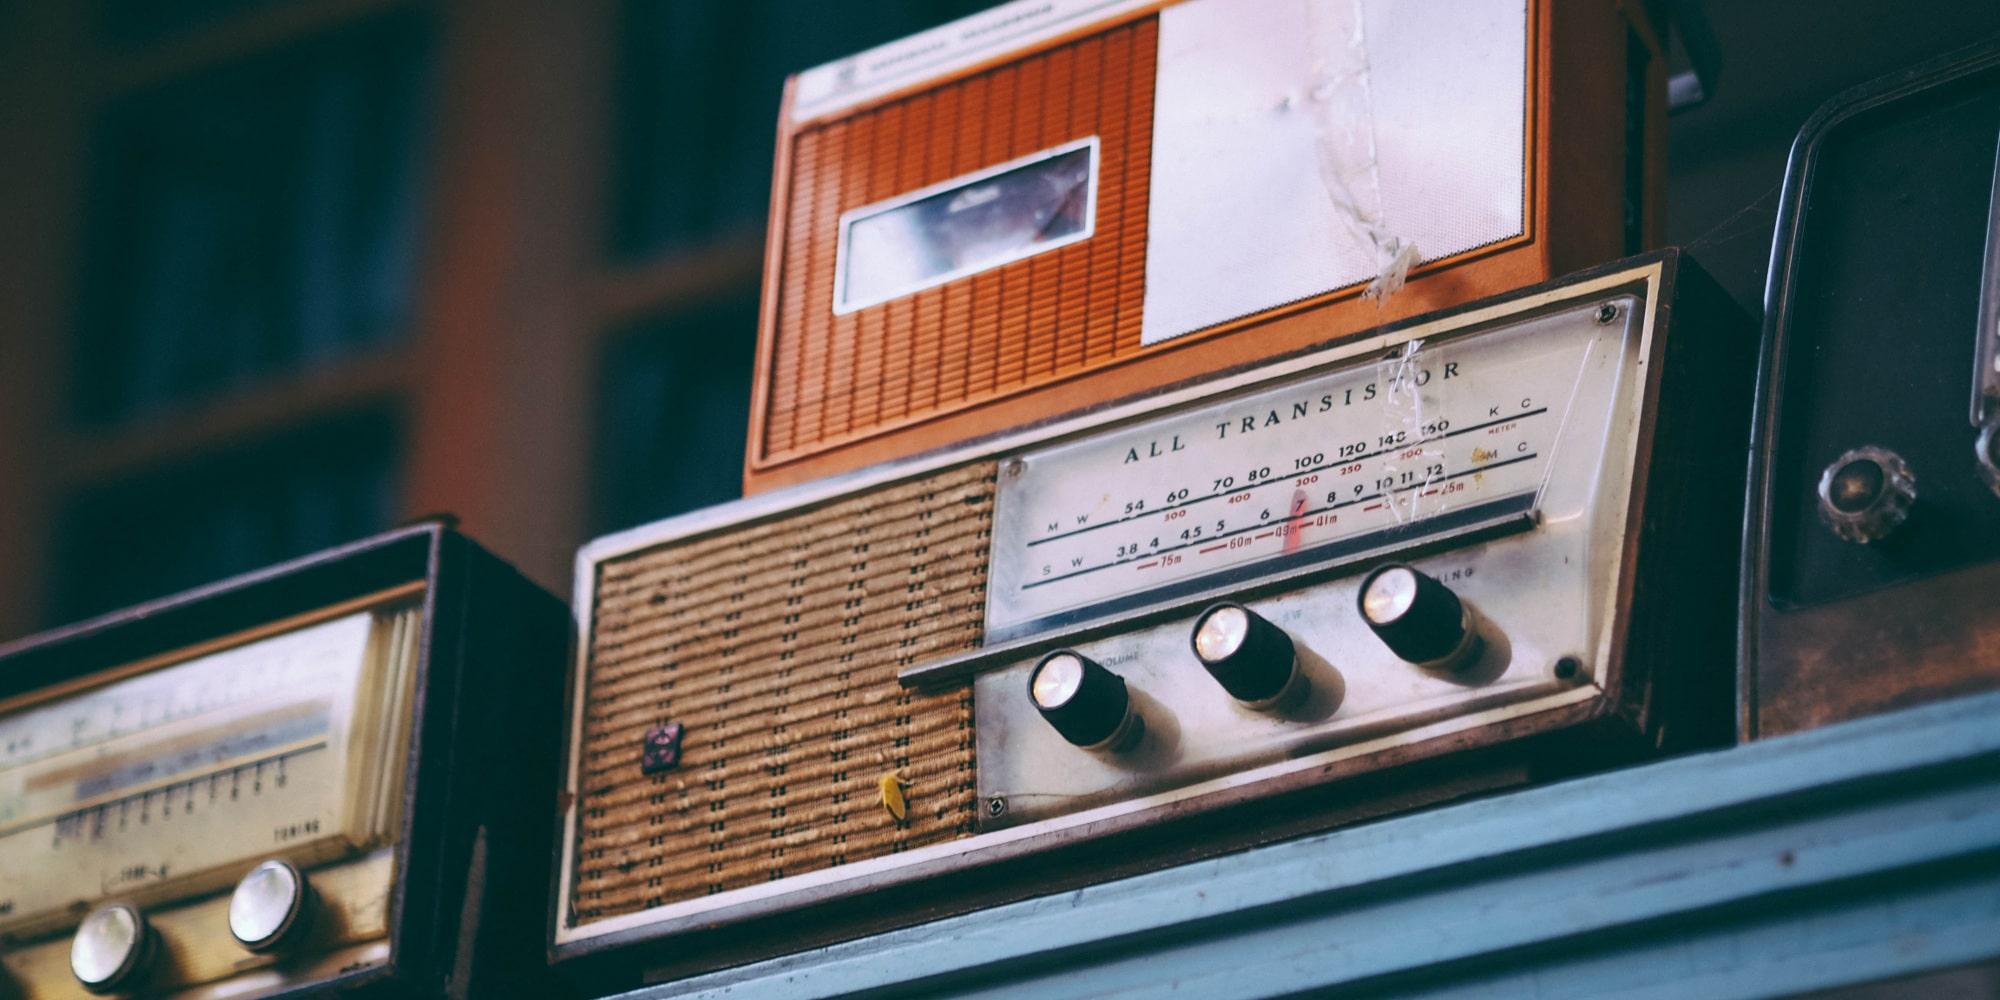 old radios sit on a shelf